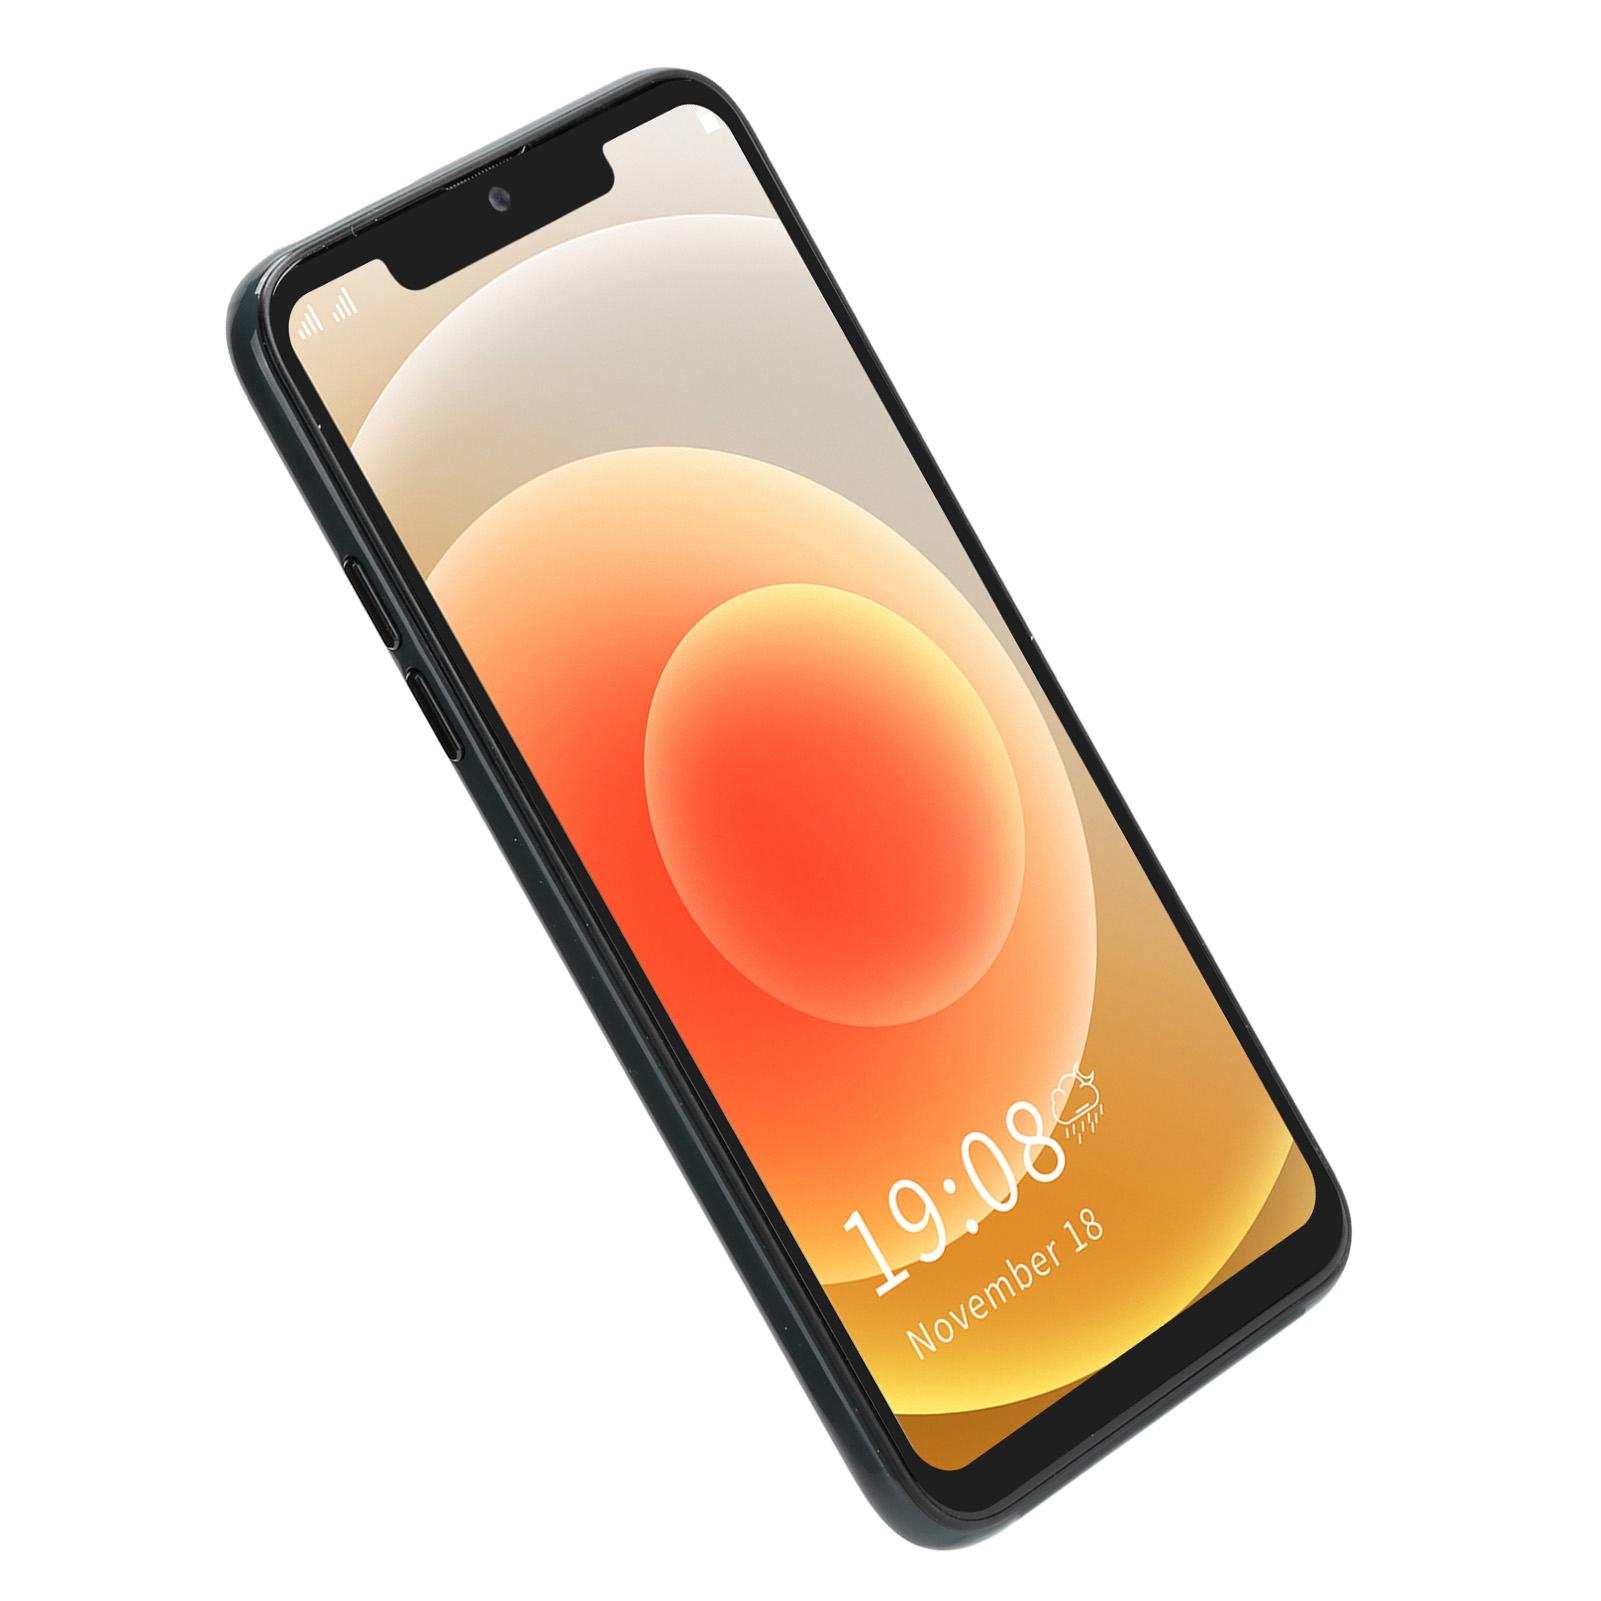 """miniature 35 - 6.5"""" Smartphone 1 Go 16 Go Mobile Phone Dual SIM avant arrière double caméra Android"""